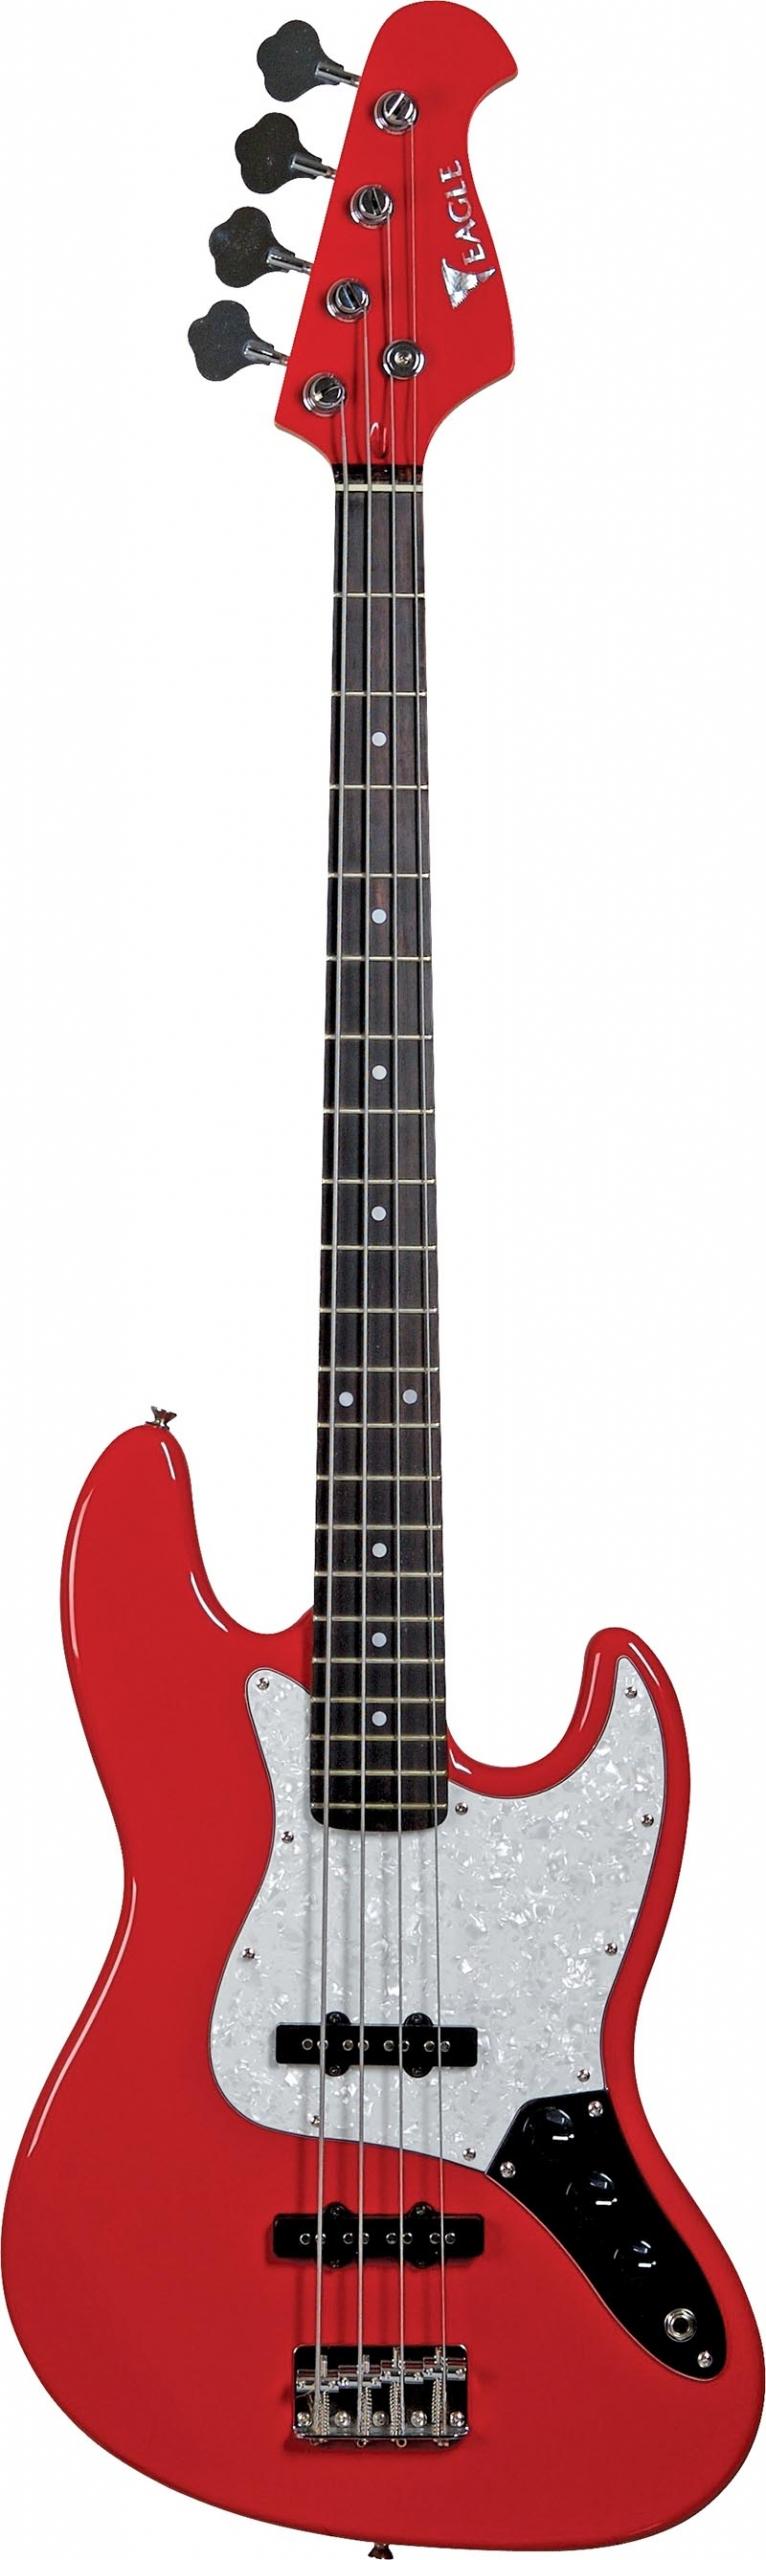 sjb005 baixo eletrico 4 cordas jazz bass eagle sjb005 rd vermelho visao frontal vertical scaled